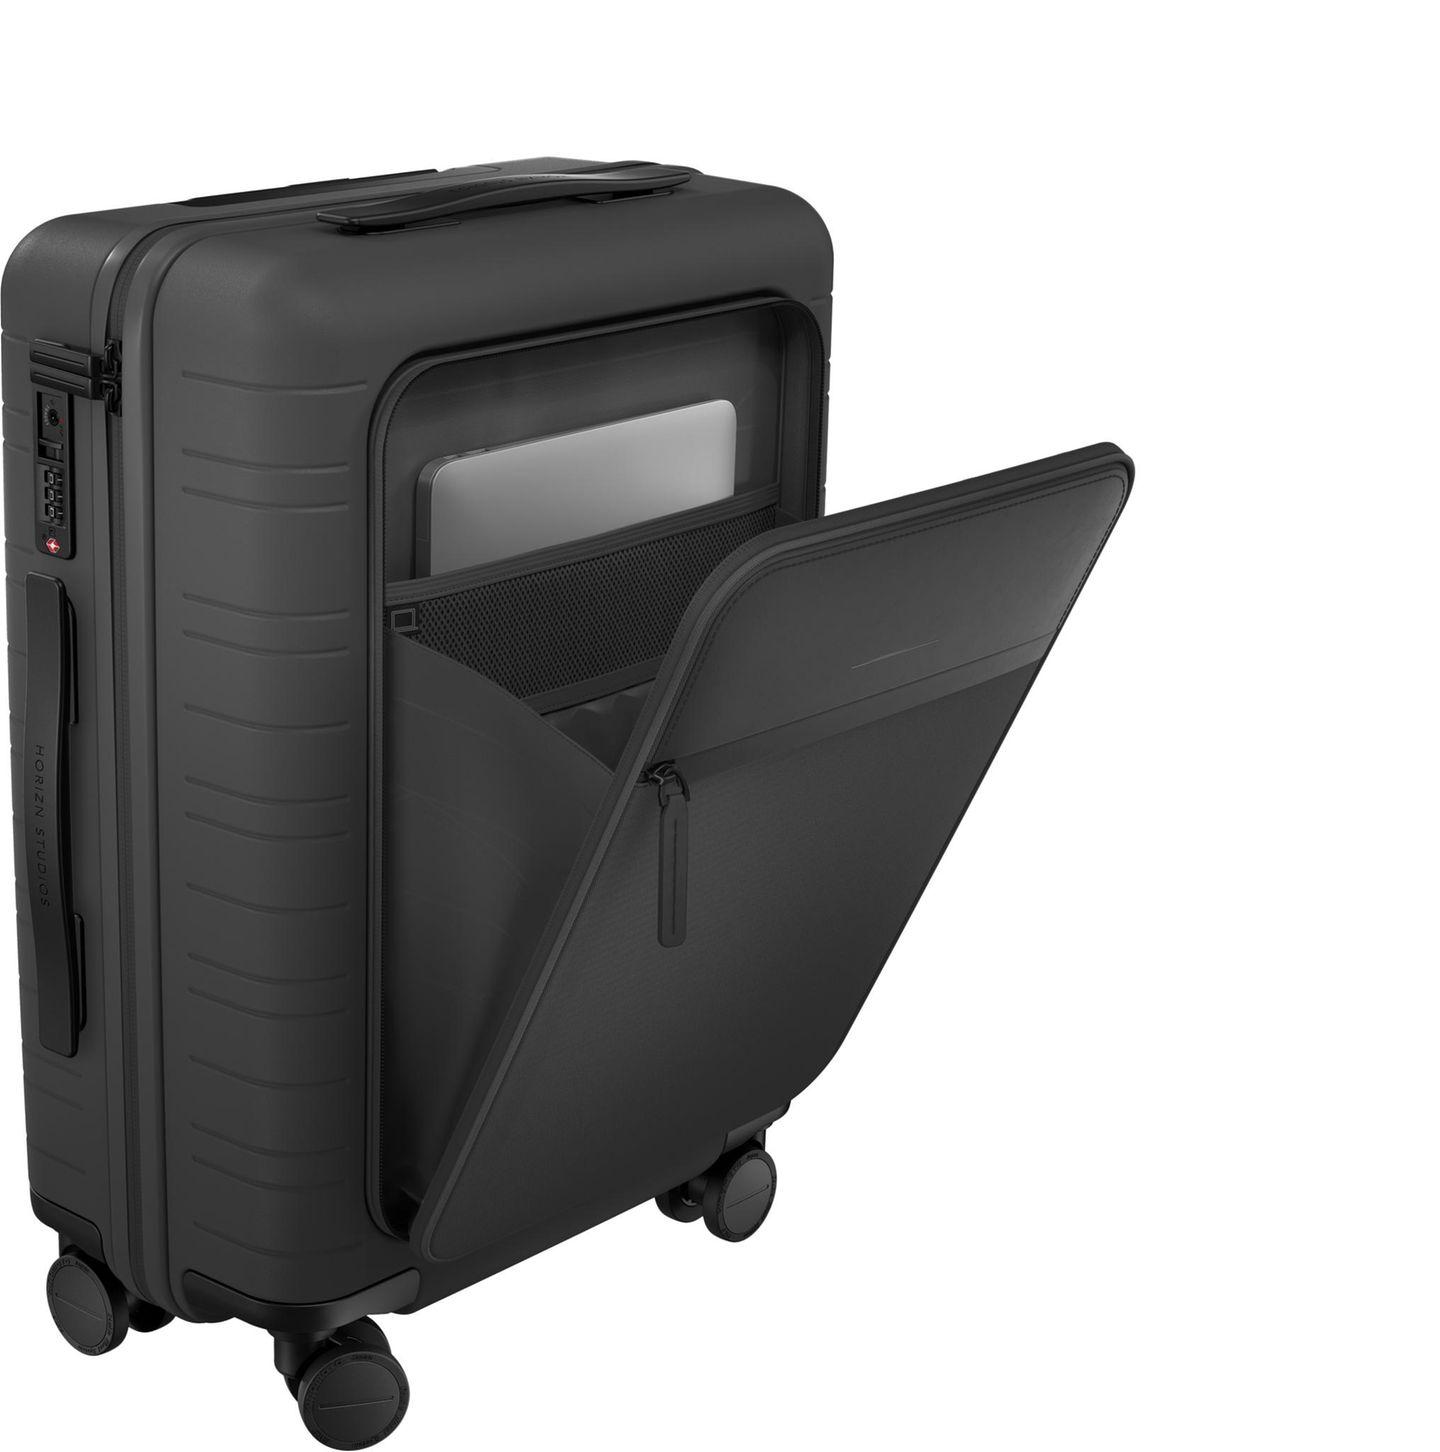 Smarte Koffer von Horizn Studios